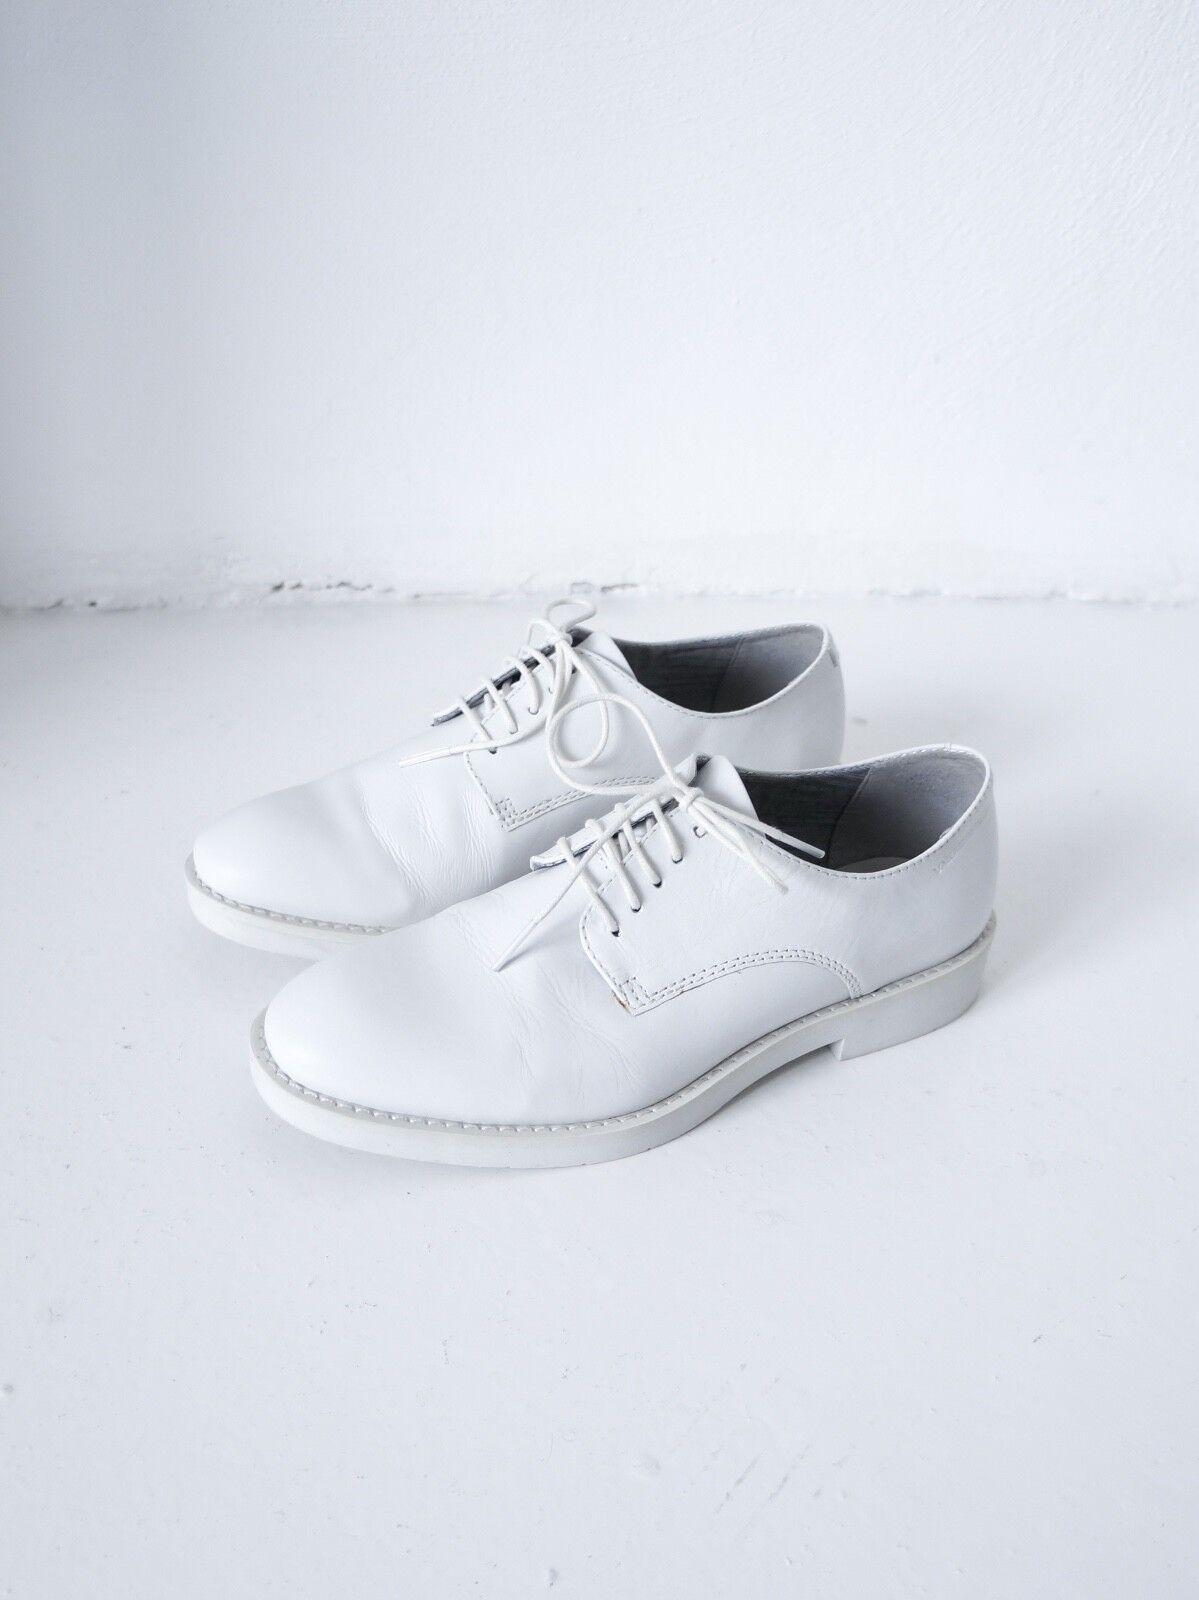 Los zapatos más populares para hombres y mujeres Descuento por tiempo limitado HOF115: Vagabond Leder schuhe oxford weiß / Leila leather shoes white 36